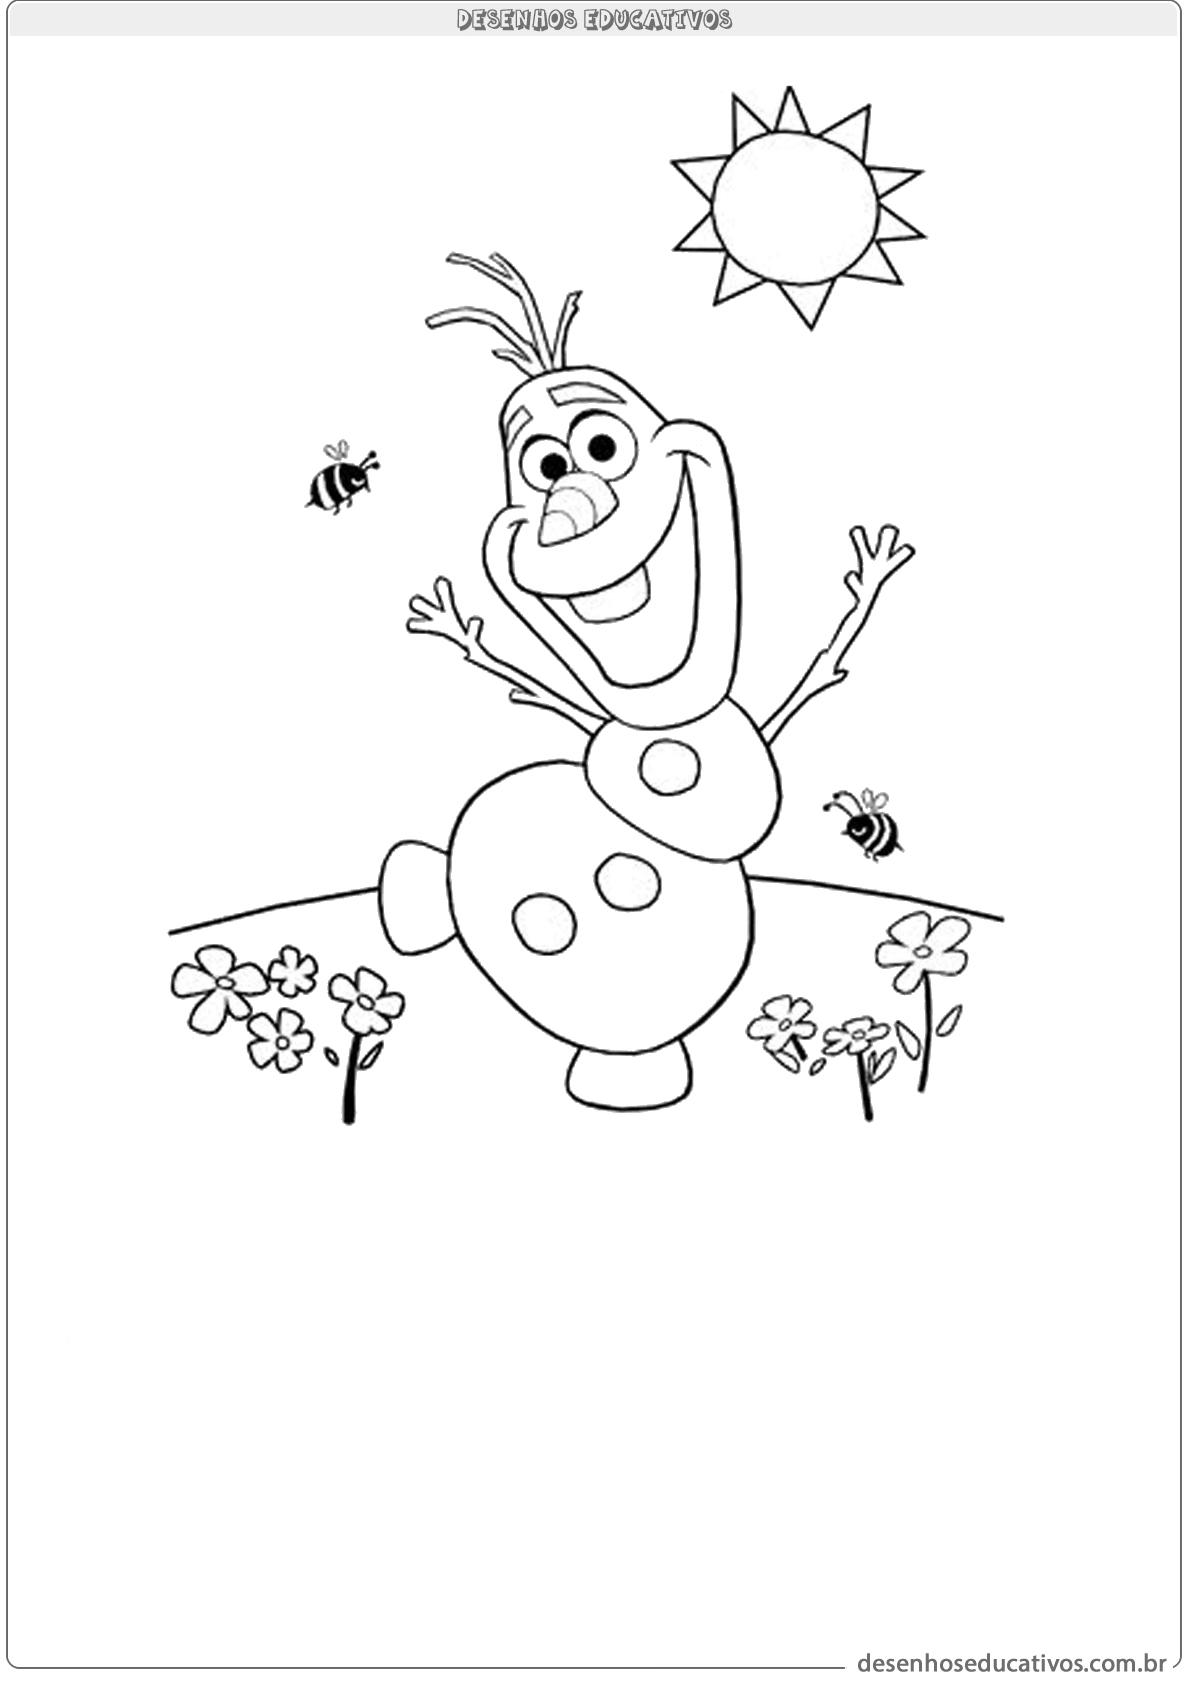 Desenhos educativos vamos pintar o Olaf